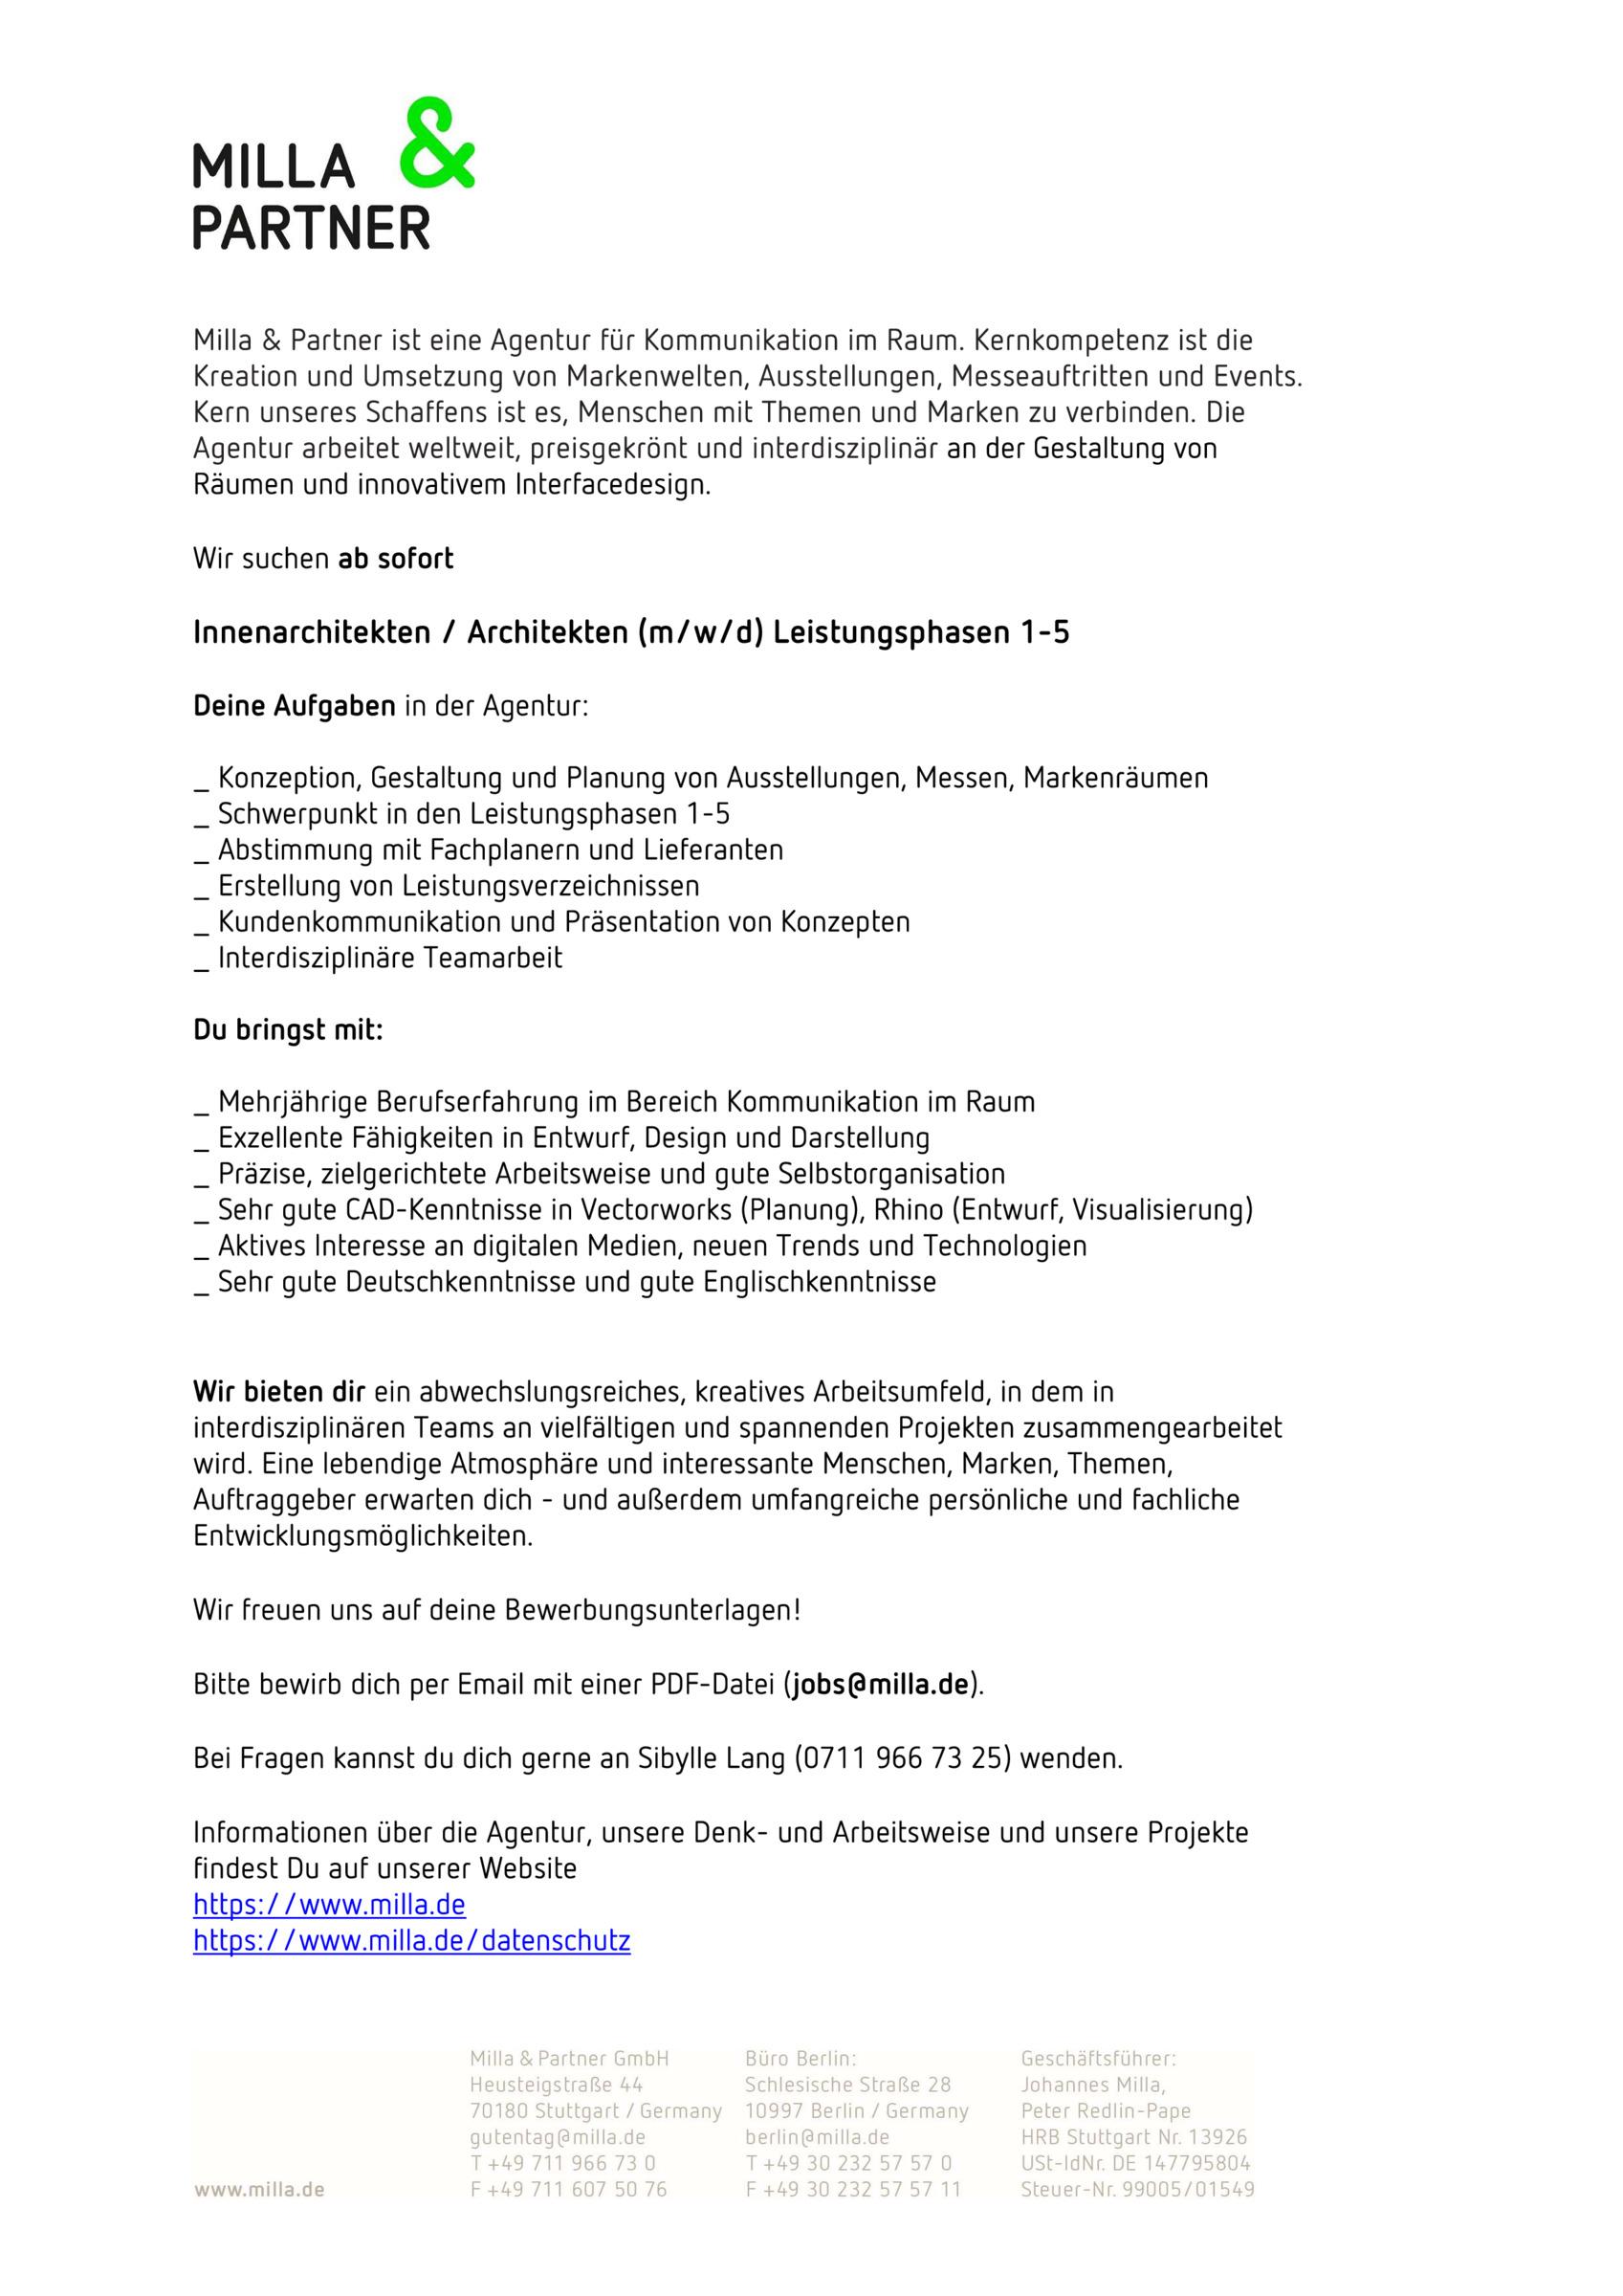 Innenarchitekten / Architekten m/w/d Leistungsphasen 21 21 ...